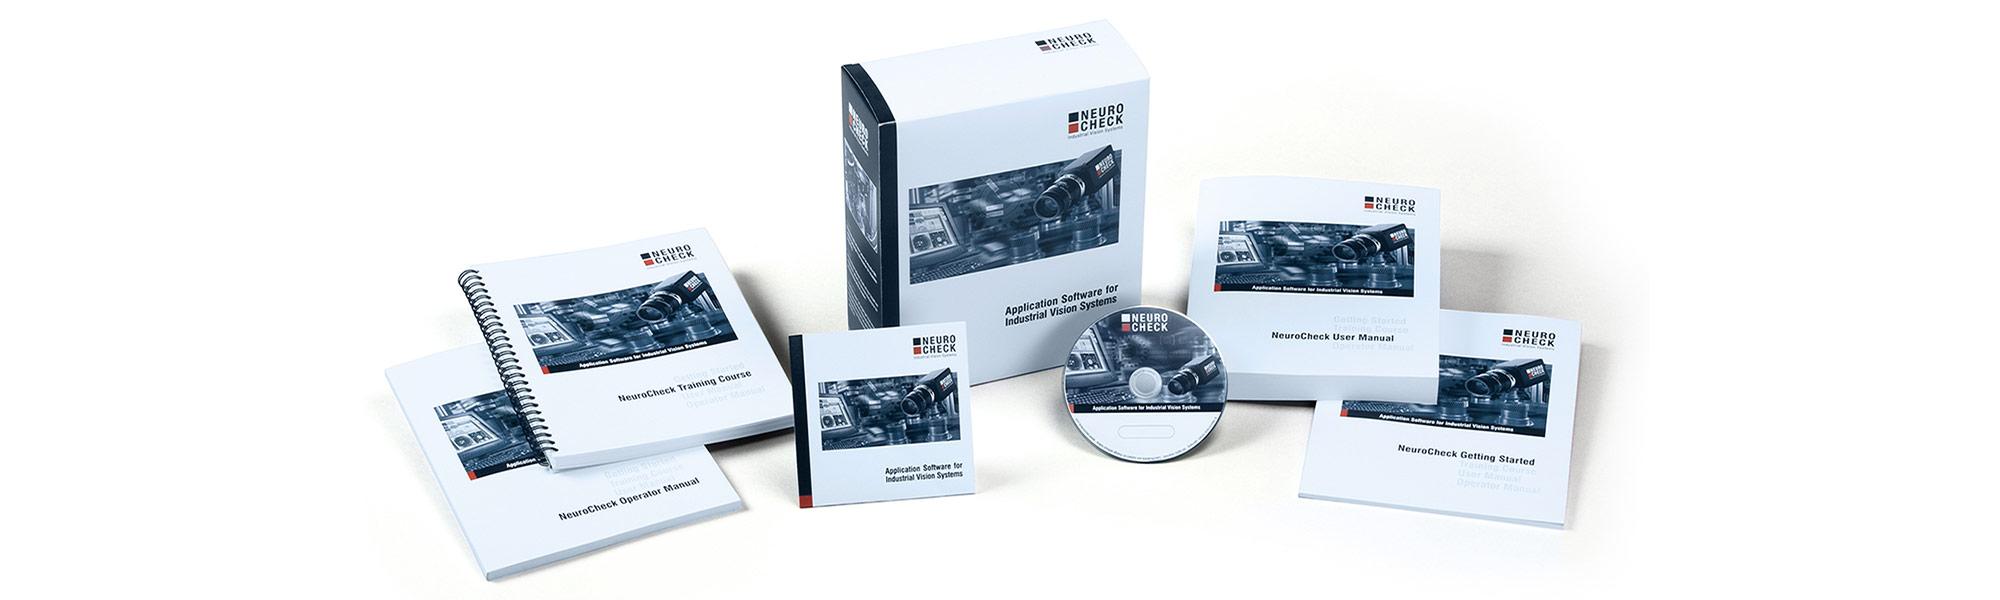 NeuroCheck Software